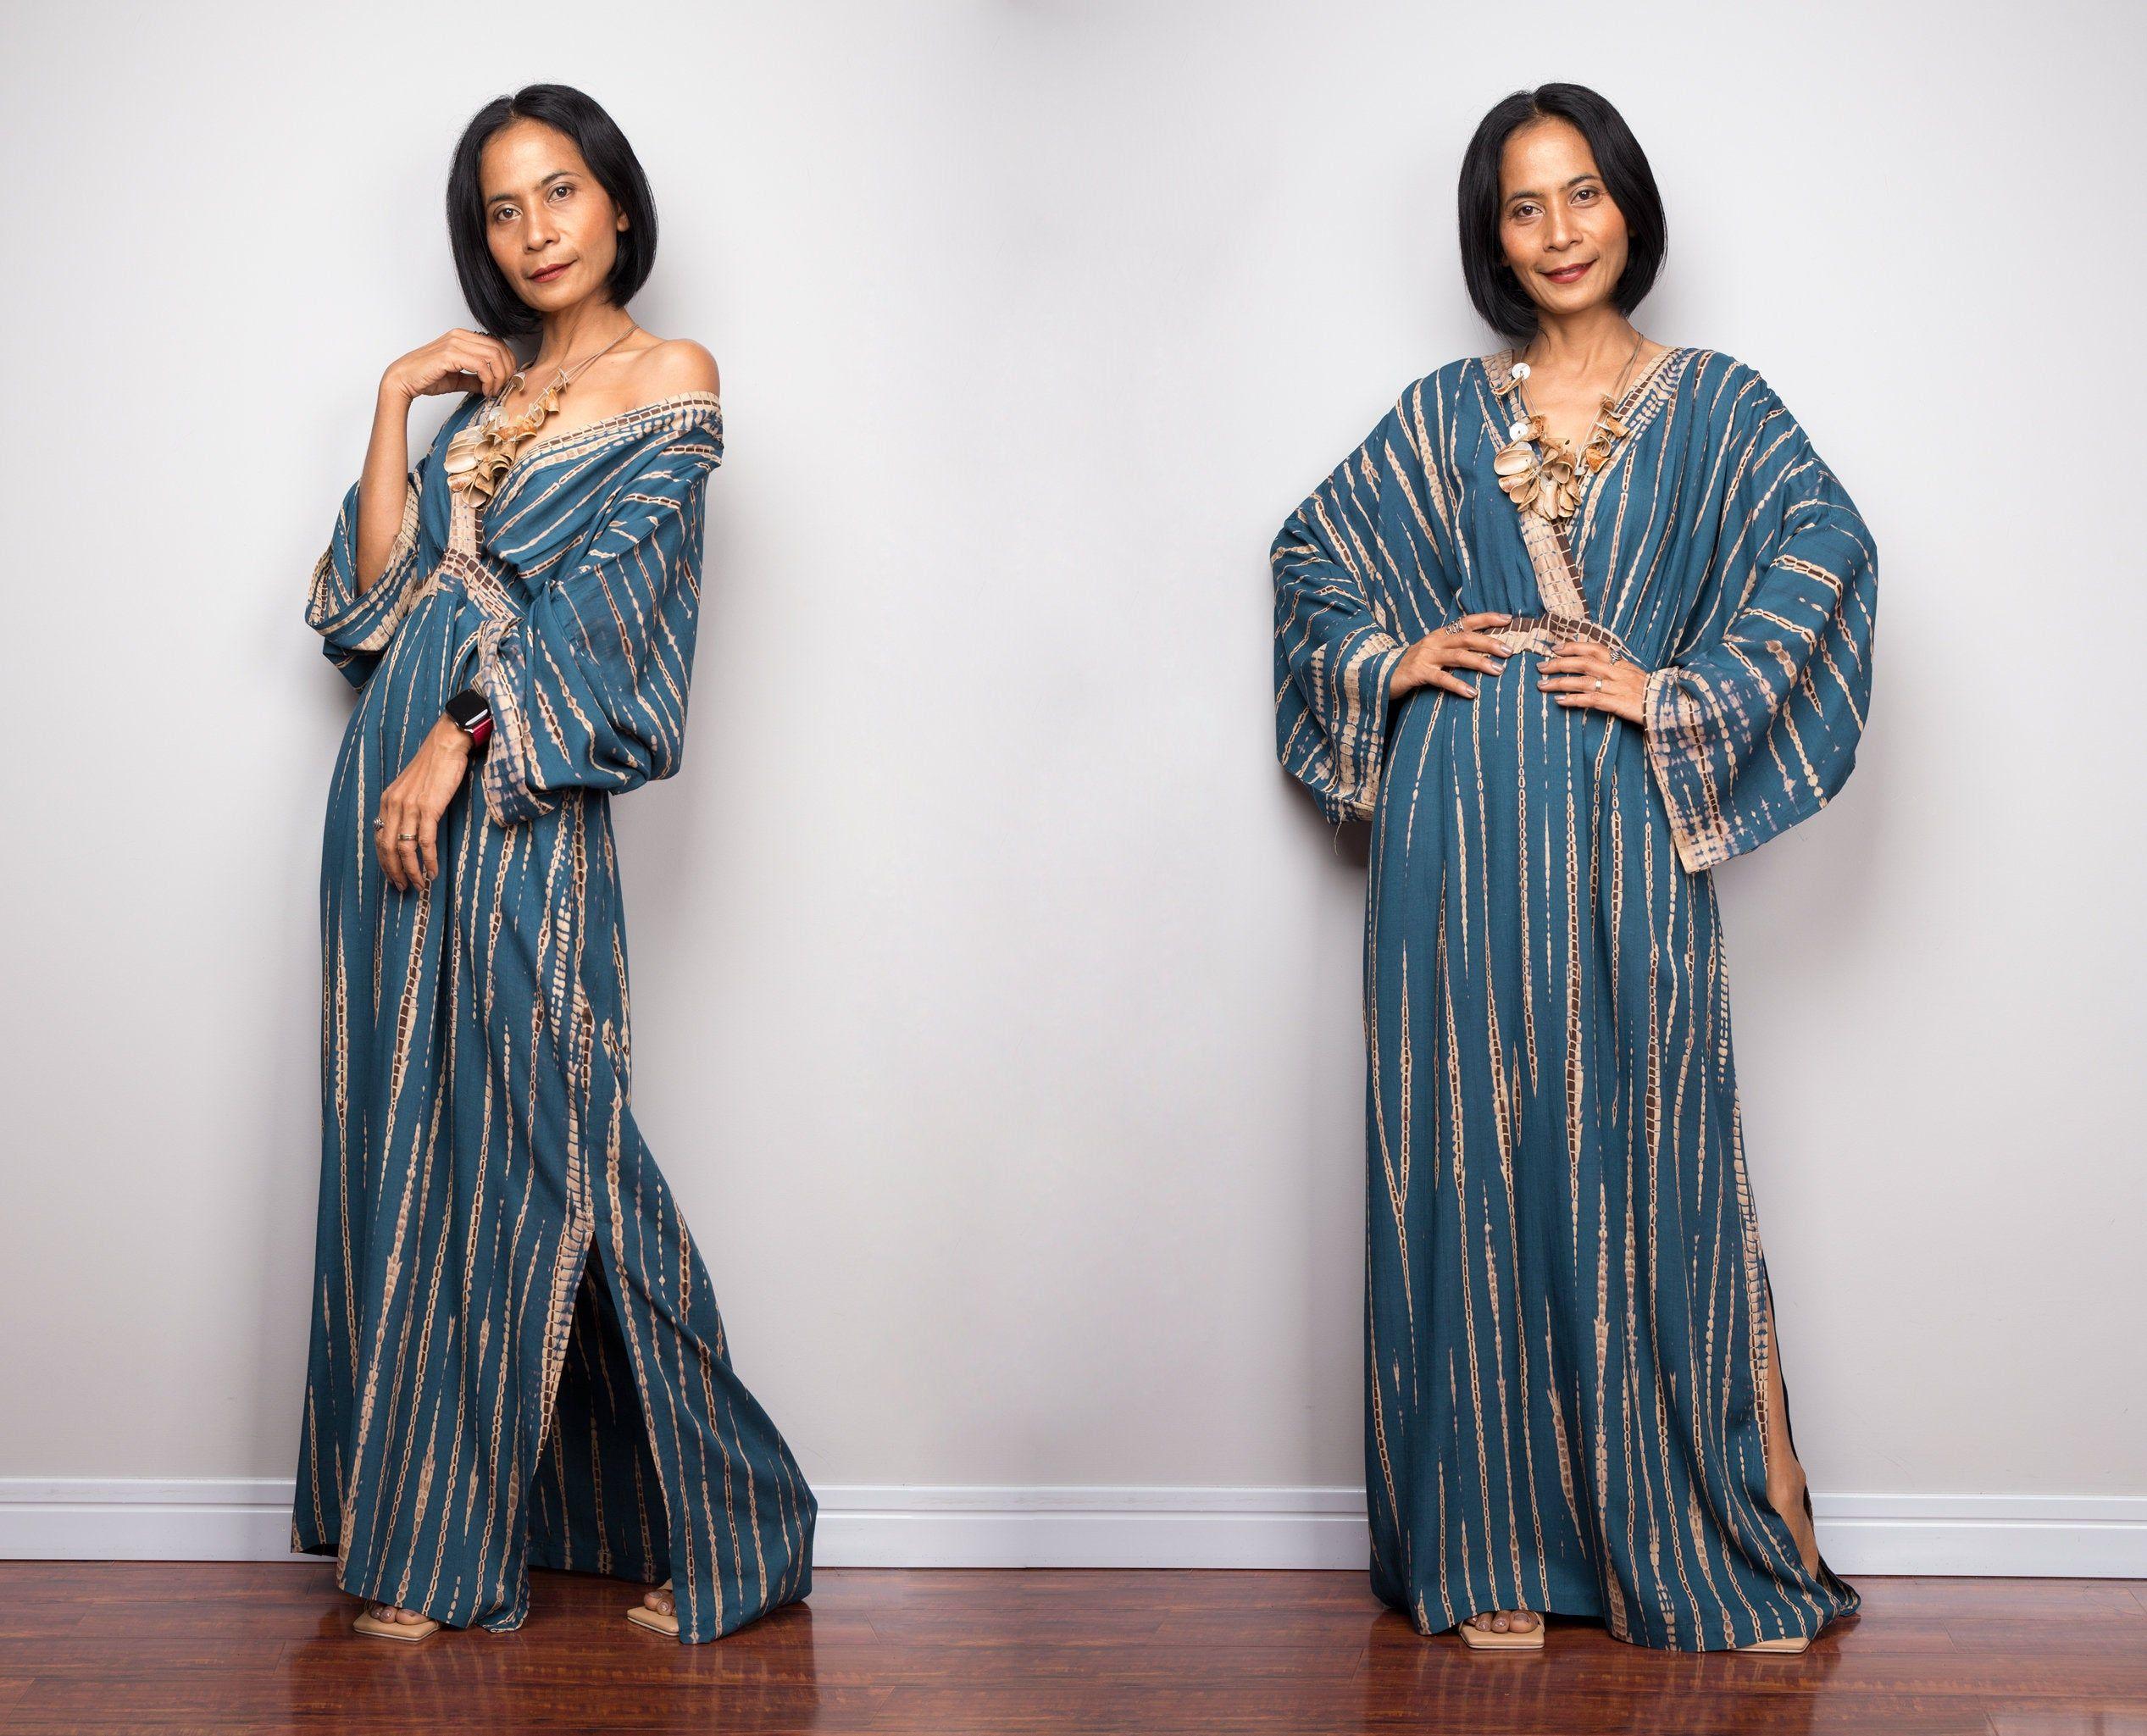 Tie Dye Kimono Kaftan Dress Beach Dress Teal Maxi Dress Etsy Tye Dye Maxi Dress Teal Maxi Dress Maxi Dress [ 2049 x 2534 Pixel ]